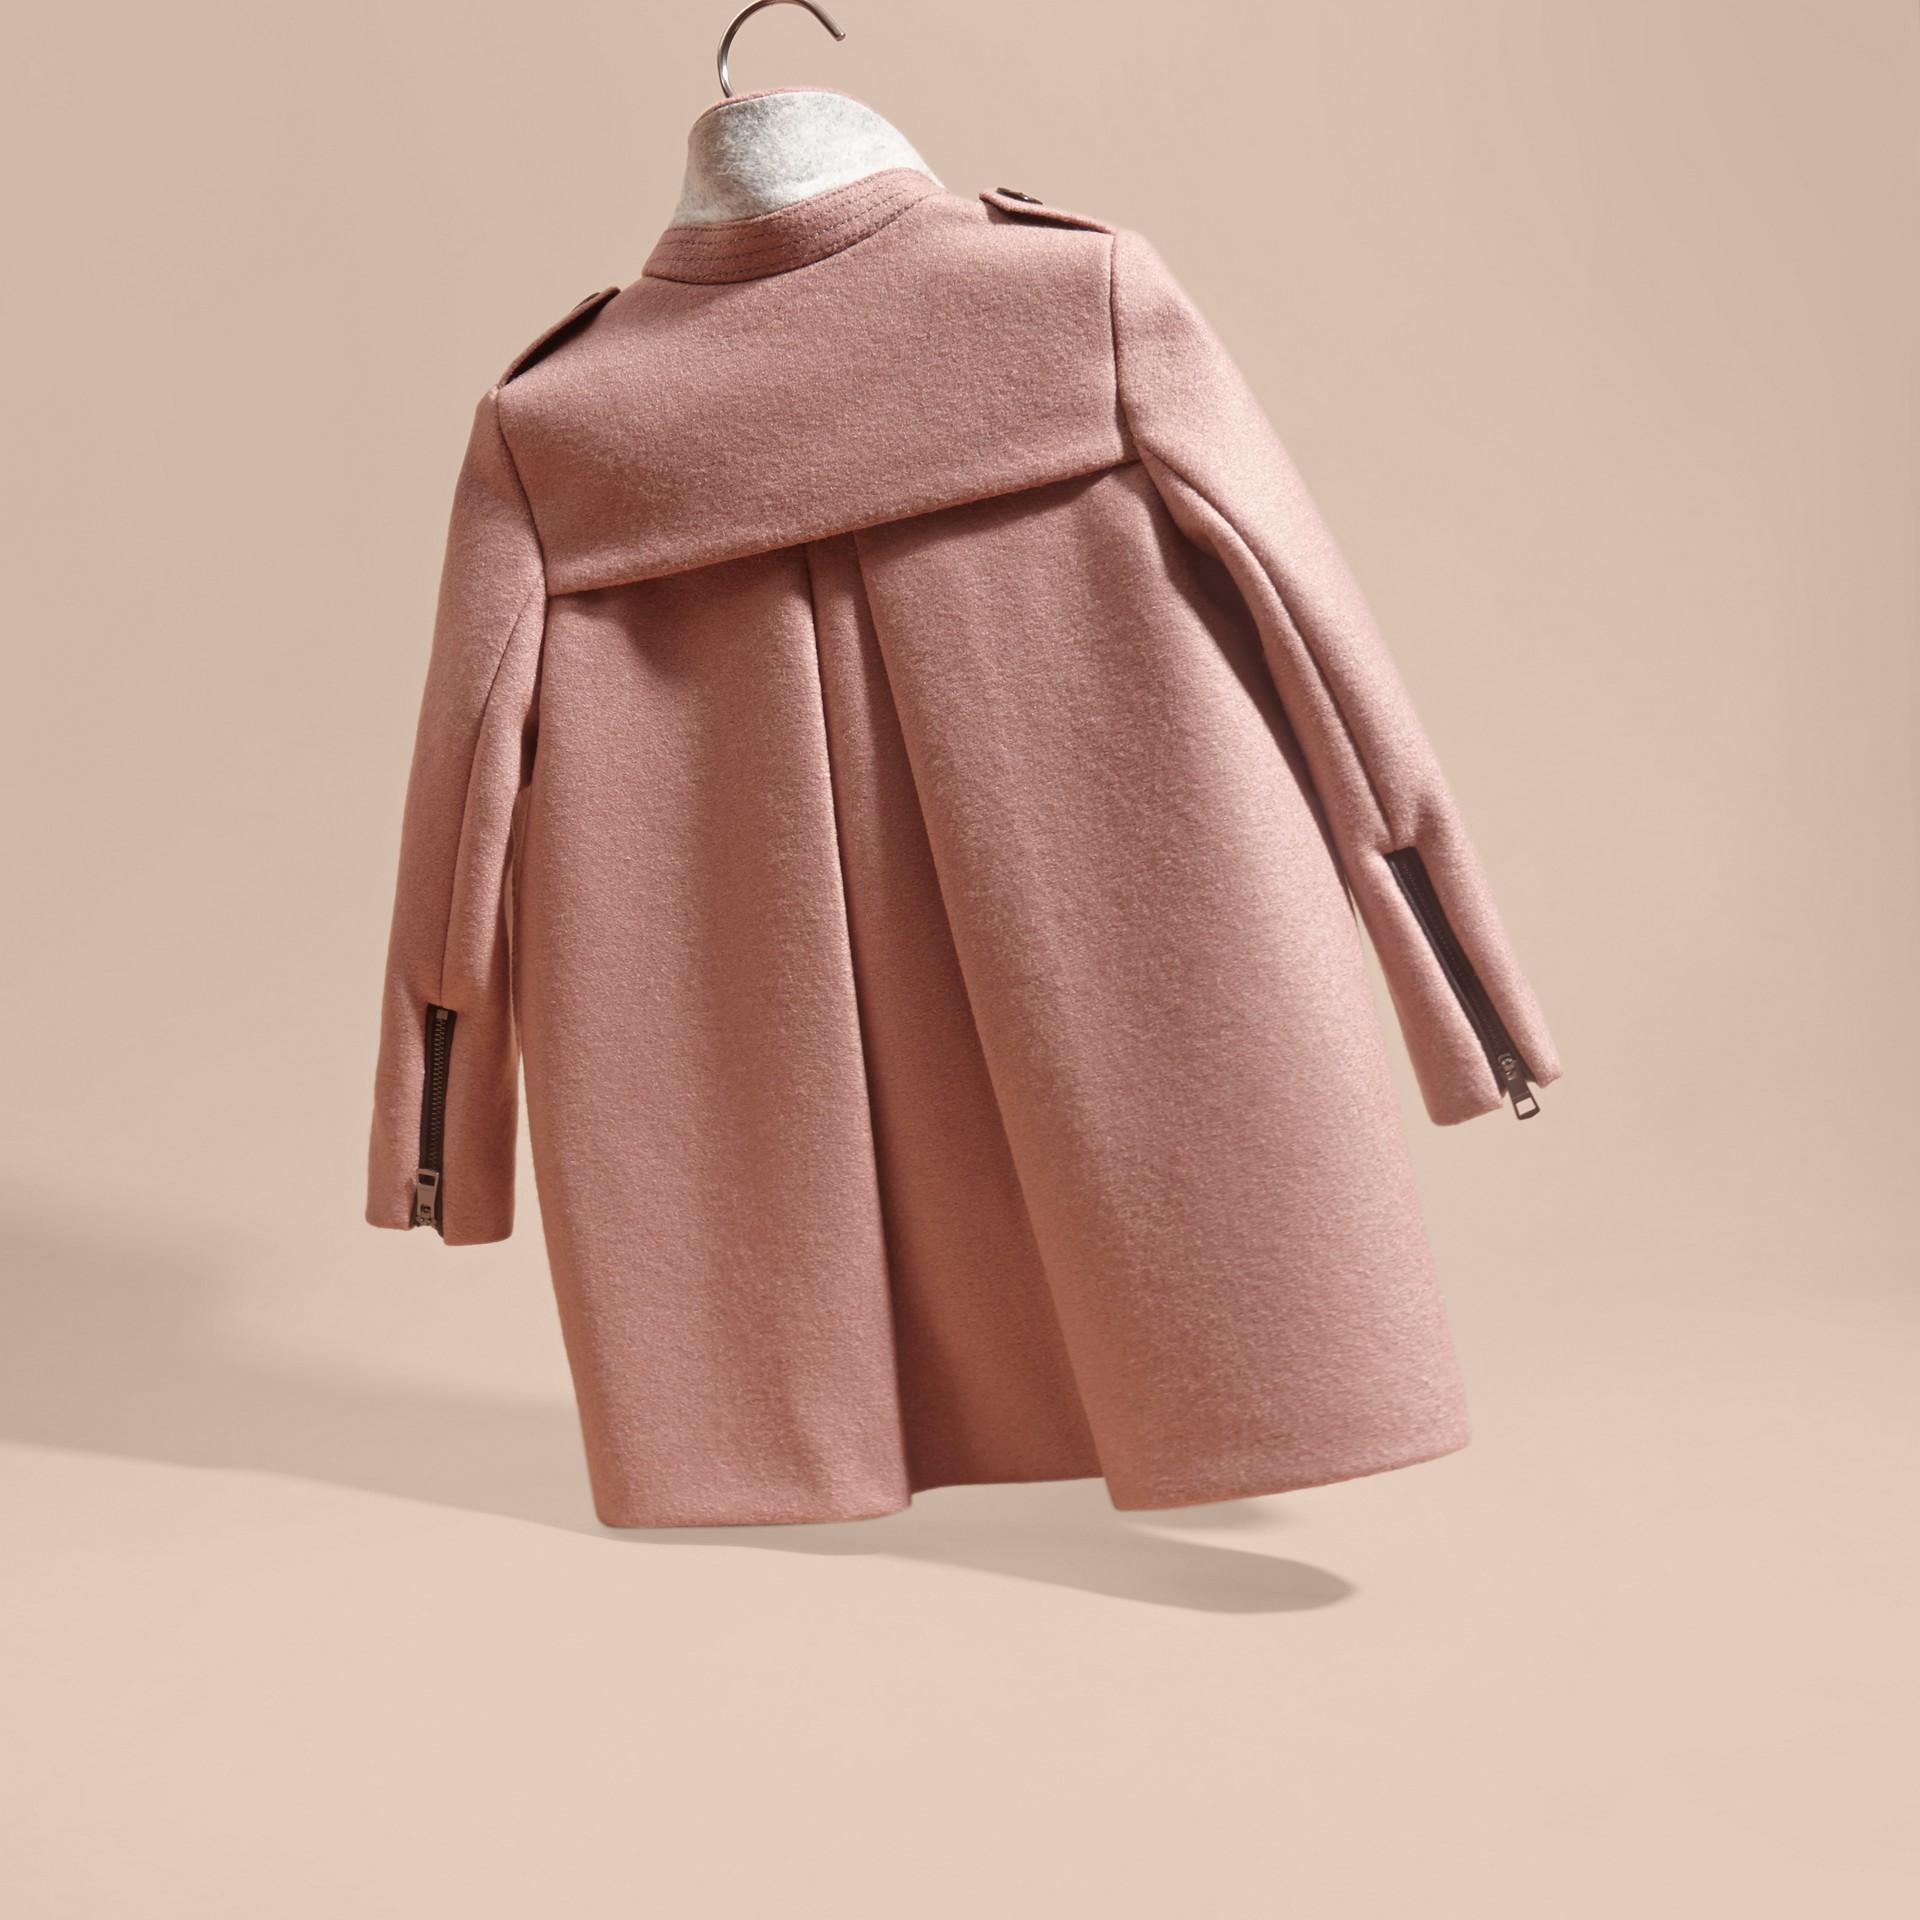 Rose cendré pâle Manteau en laine avec zip Rose Cendré Pâle - photo de la galerie 4